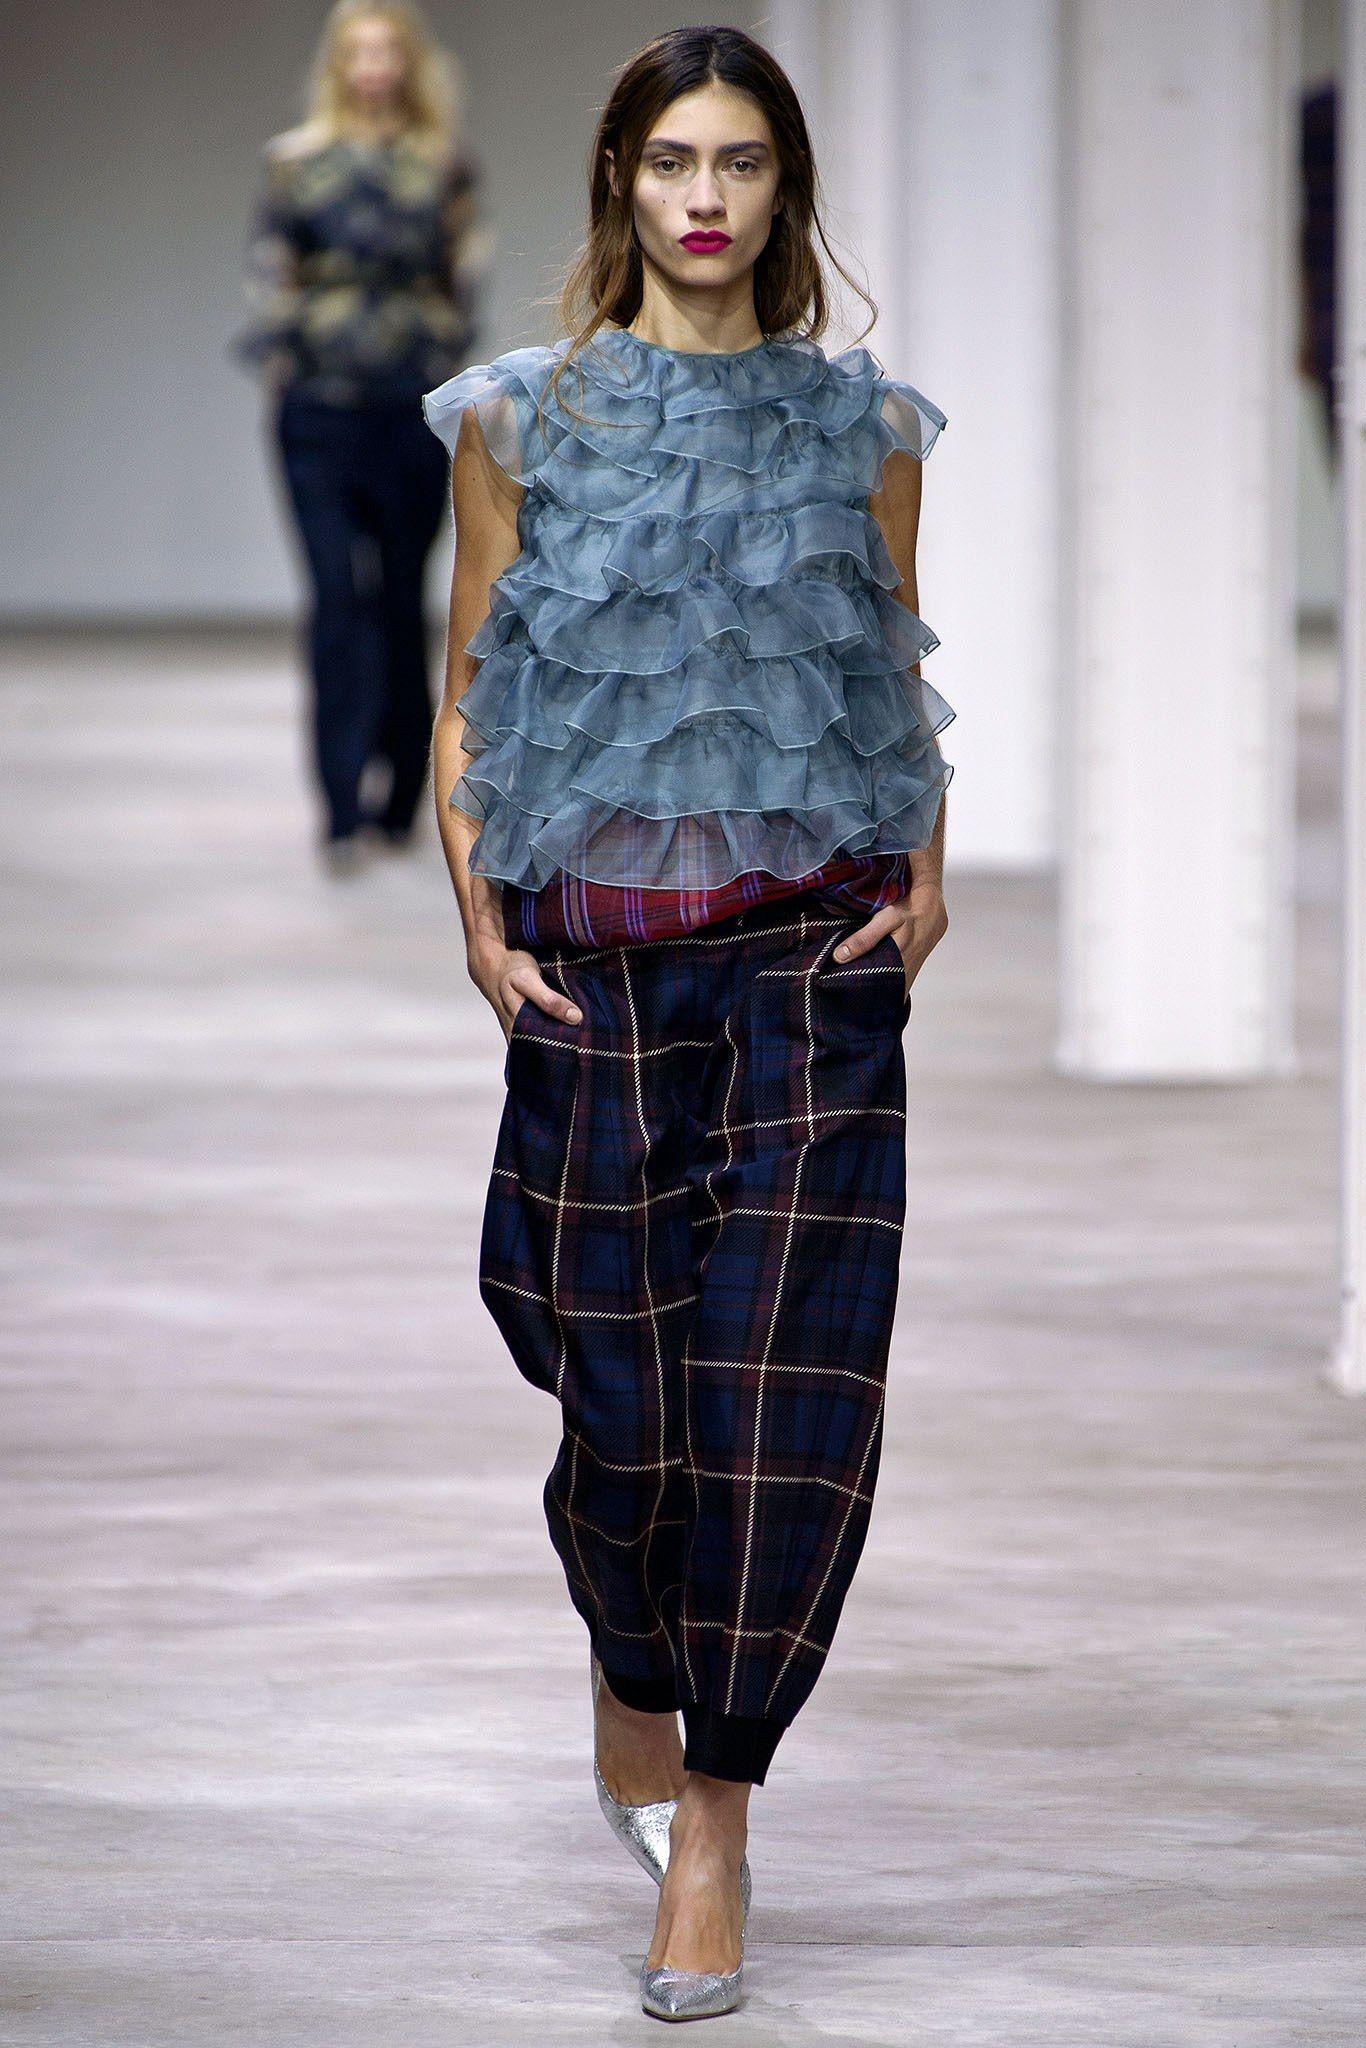 Dries Van Noten Spring 2013 Ready-to-Wear Fashion Show - Marine Deleeuw (Elite)